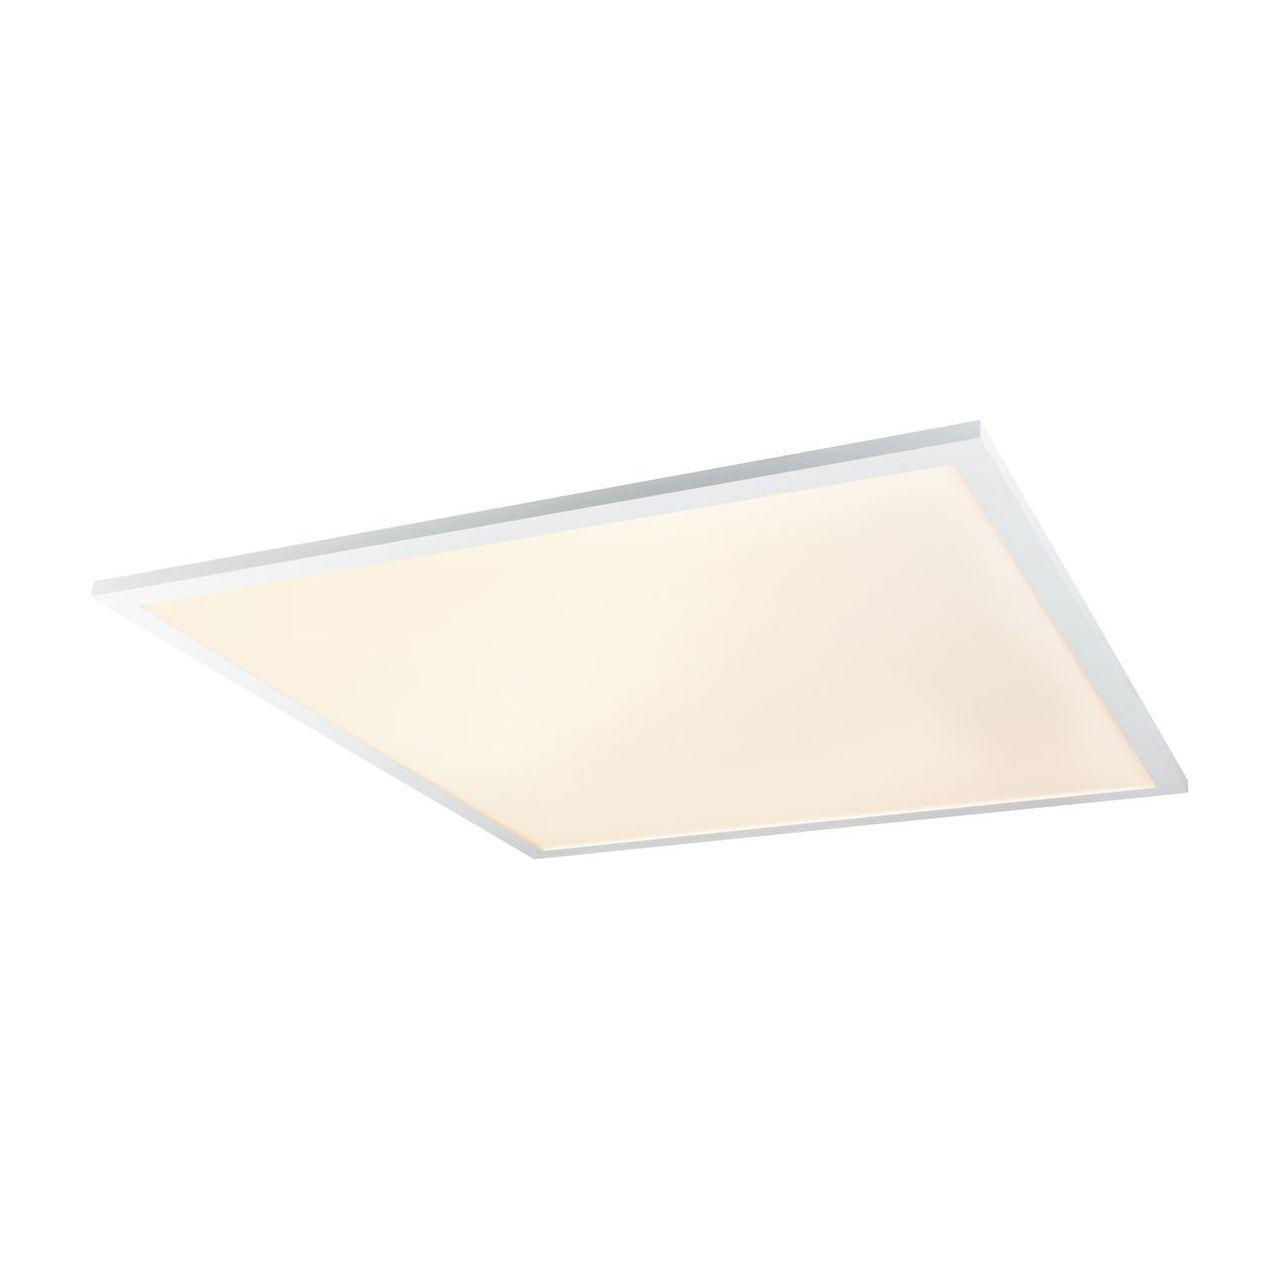 Потолочный светодиодный светильник Globo Rosi 41604D6 цены онлайн